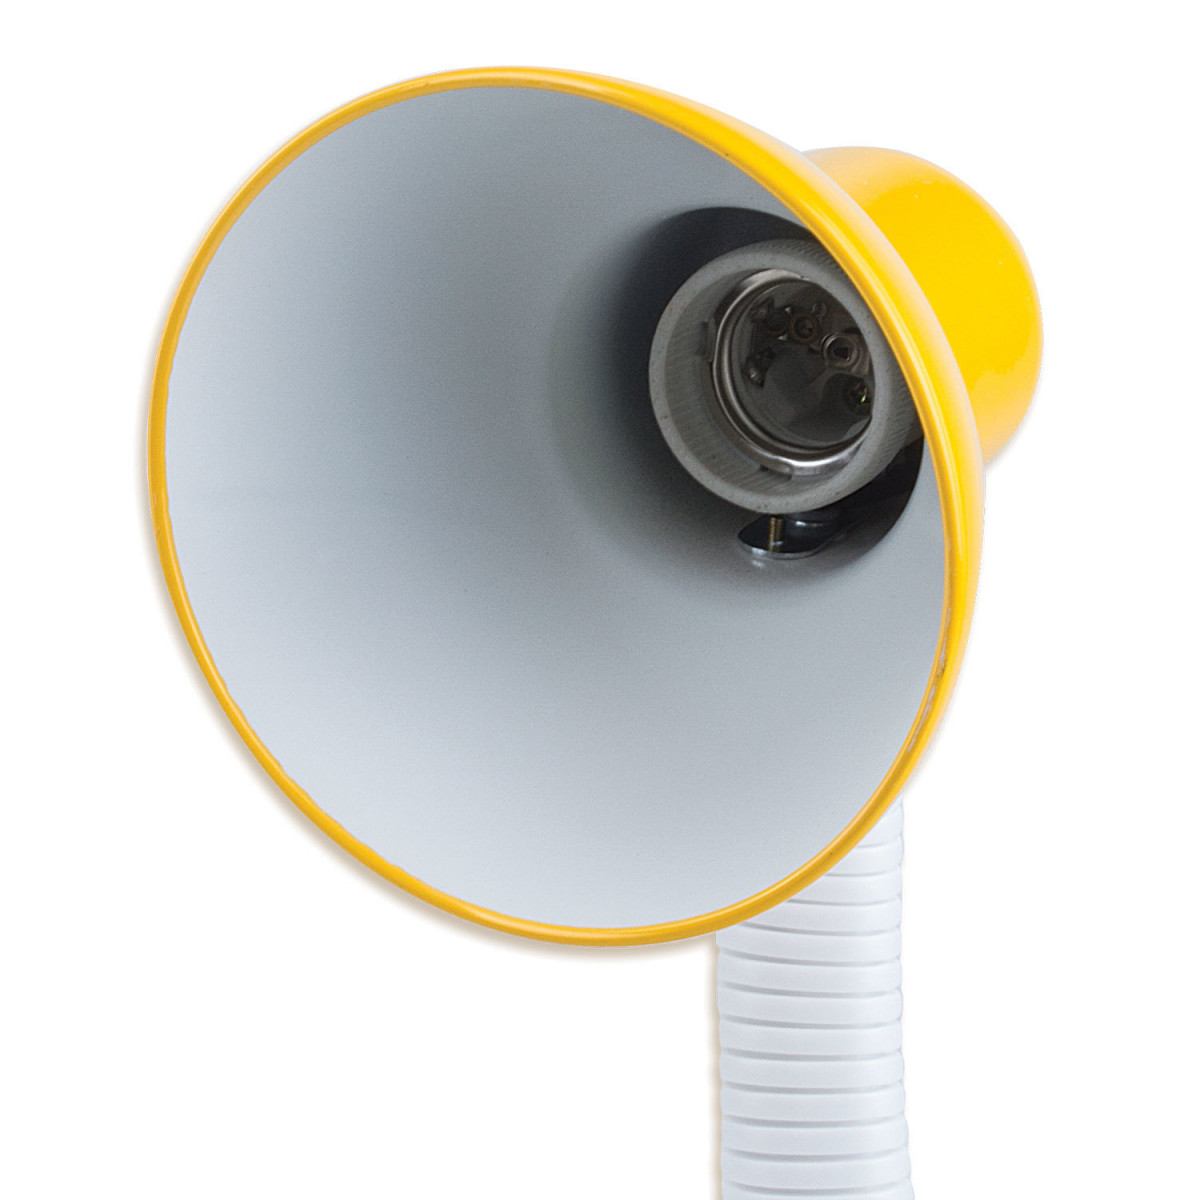 """Светильник настольный SONNEN OU-603, на подставке, цоколь Е27, """"Сова"""", желтый, 236673 (арт. 236673)"""